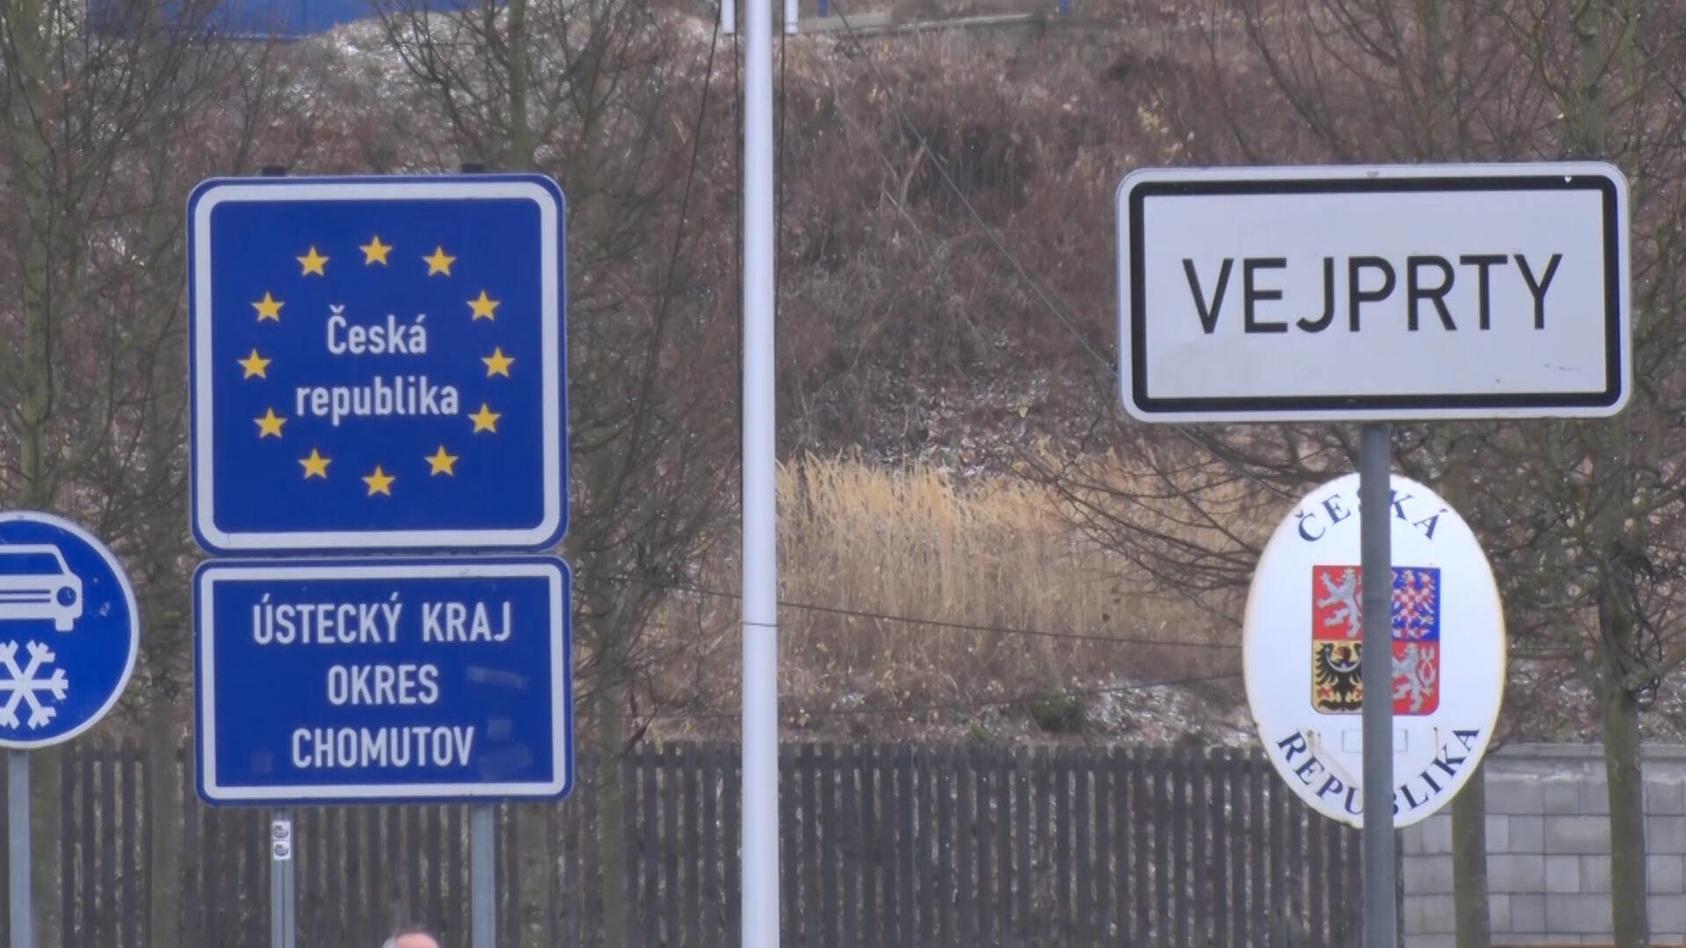 201203 GrenzeNach einem langen Lock Down in Tschechien lockert das Nachbarland Deutschlands die scharfen Coronaregeln. W